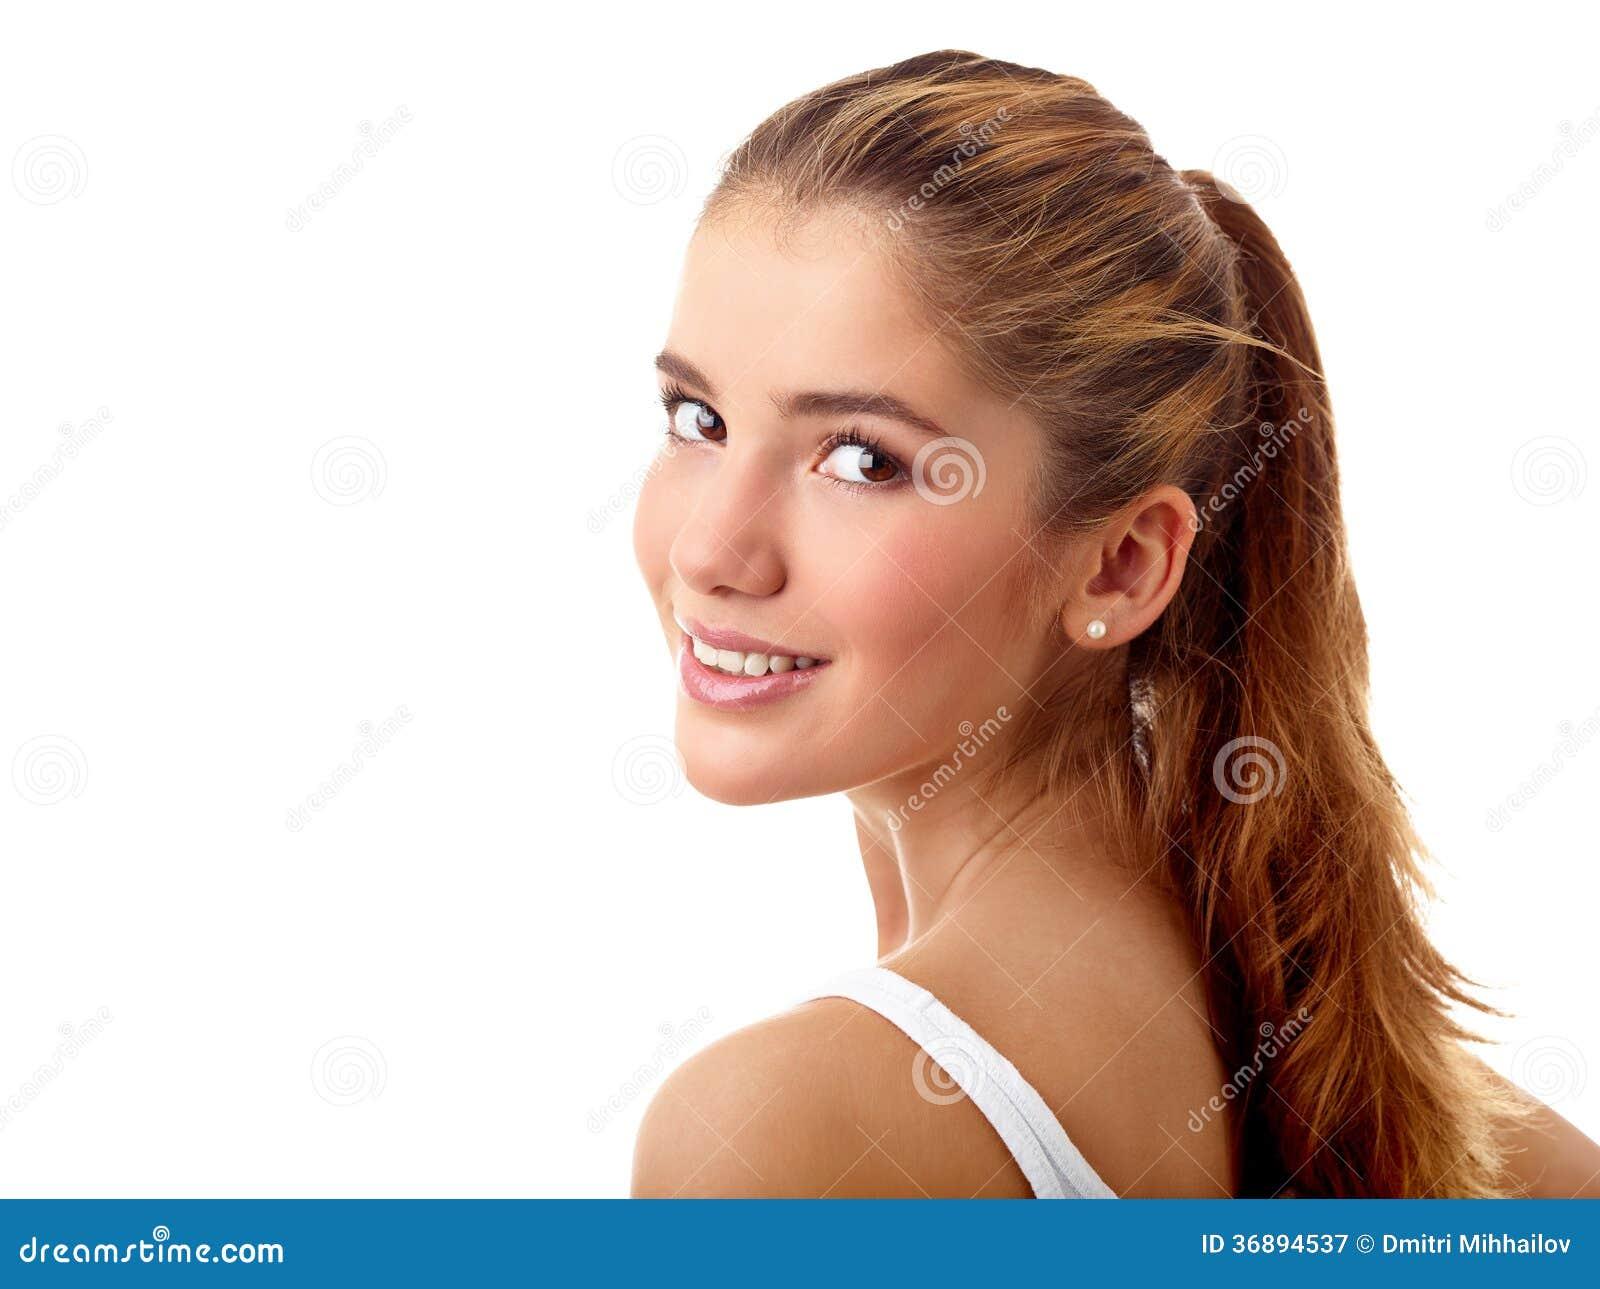 Download Adolescente spensierato immagine stock. Immagine di femmina - 36894537